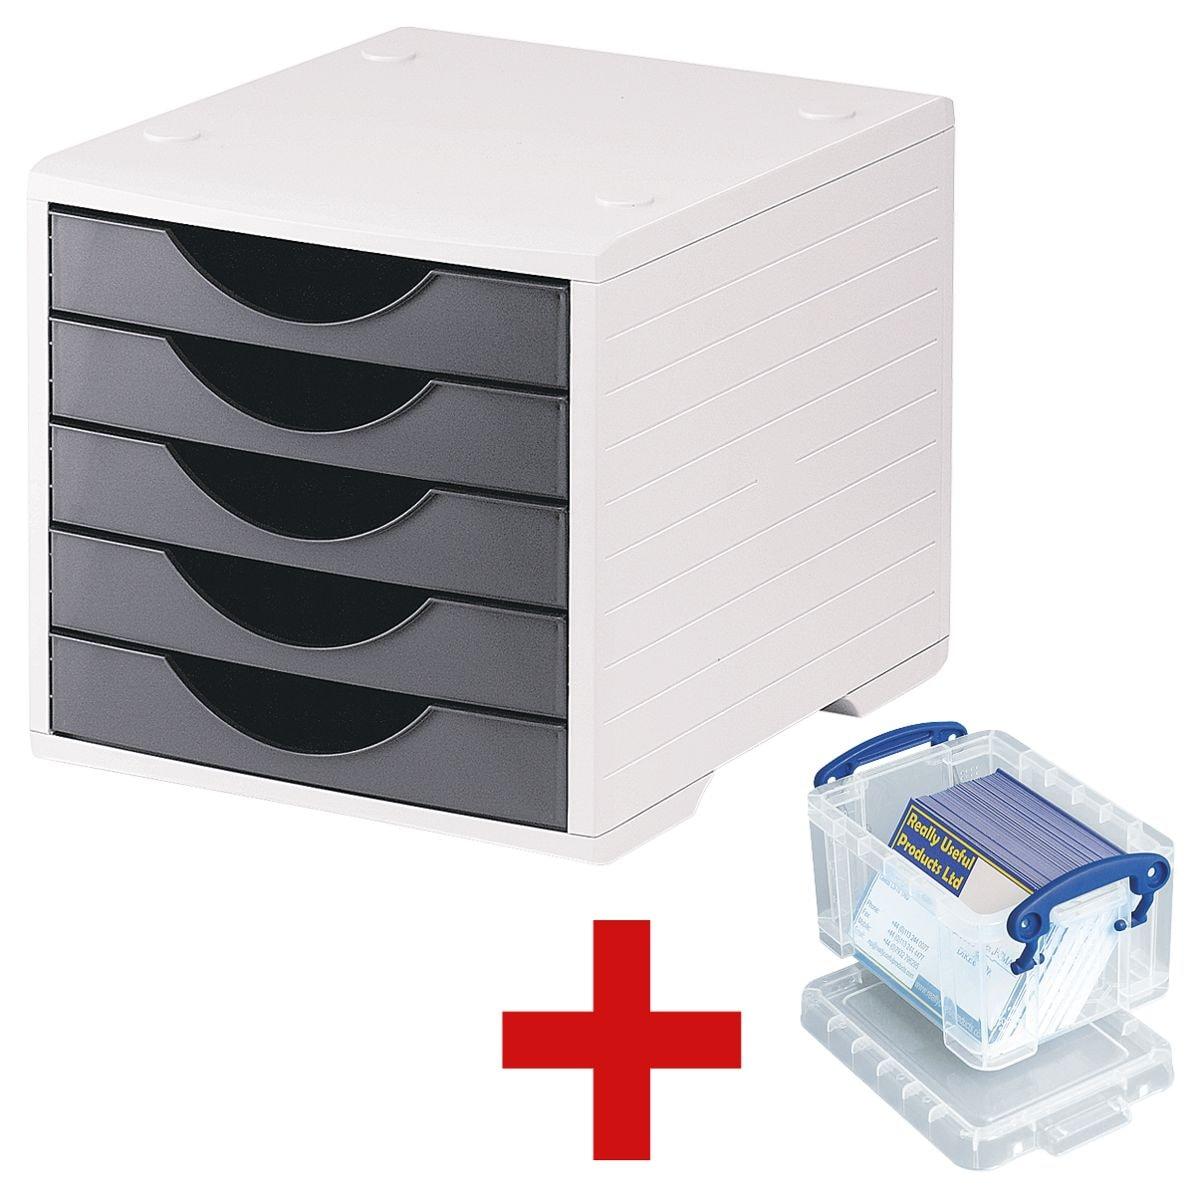 otto office schubladenbox standard inkl mehrzweckbox bei otto office g nstig kaufen. Black Bedroom Furniture Sets. Home Design Ideas